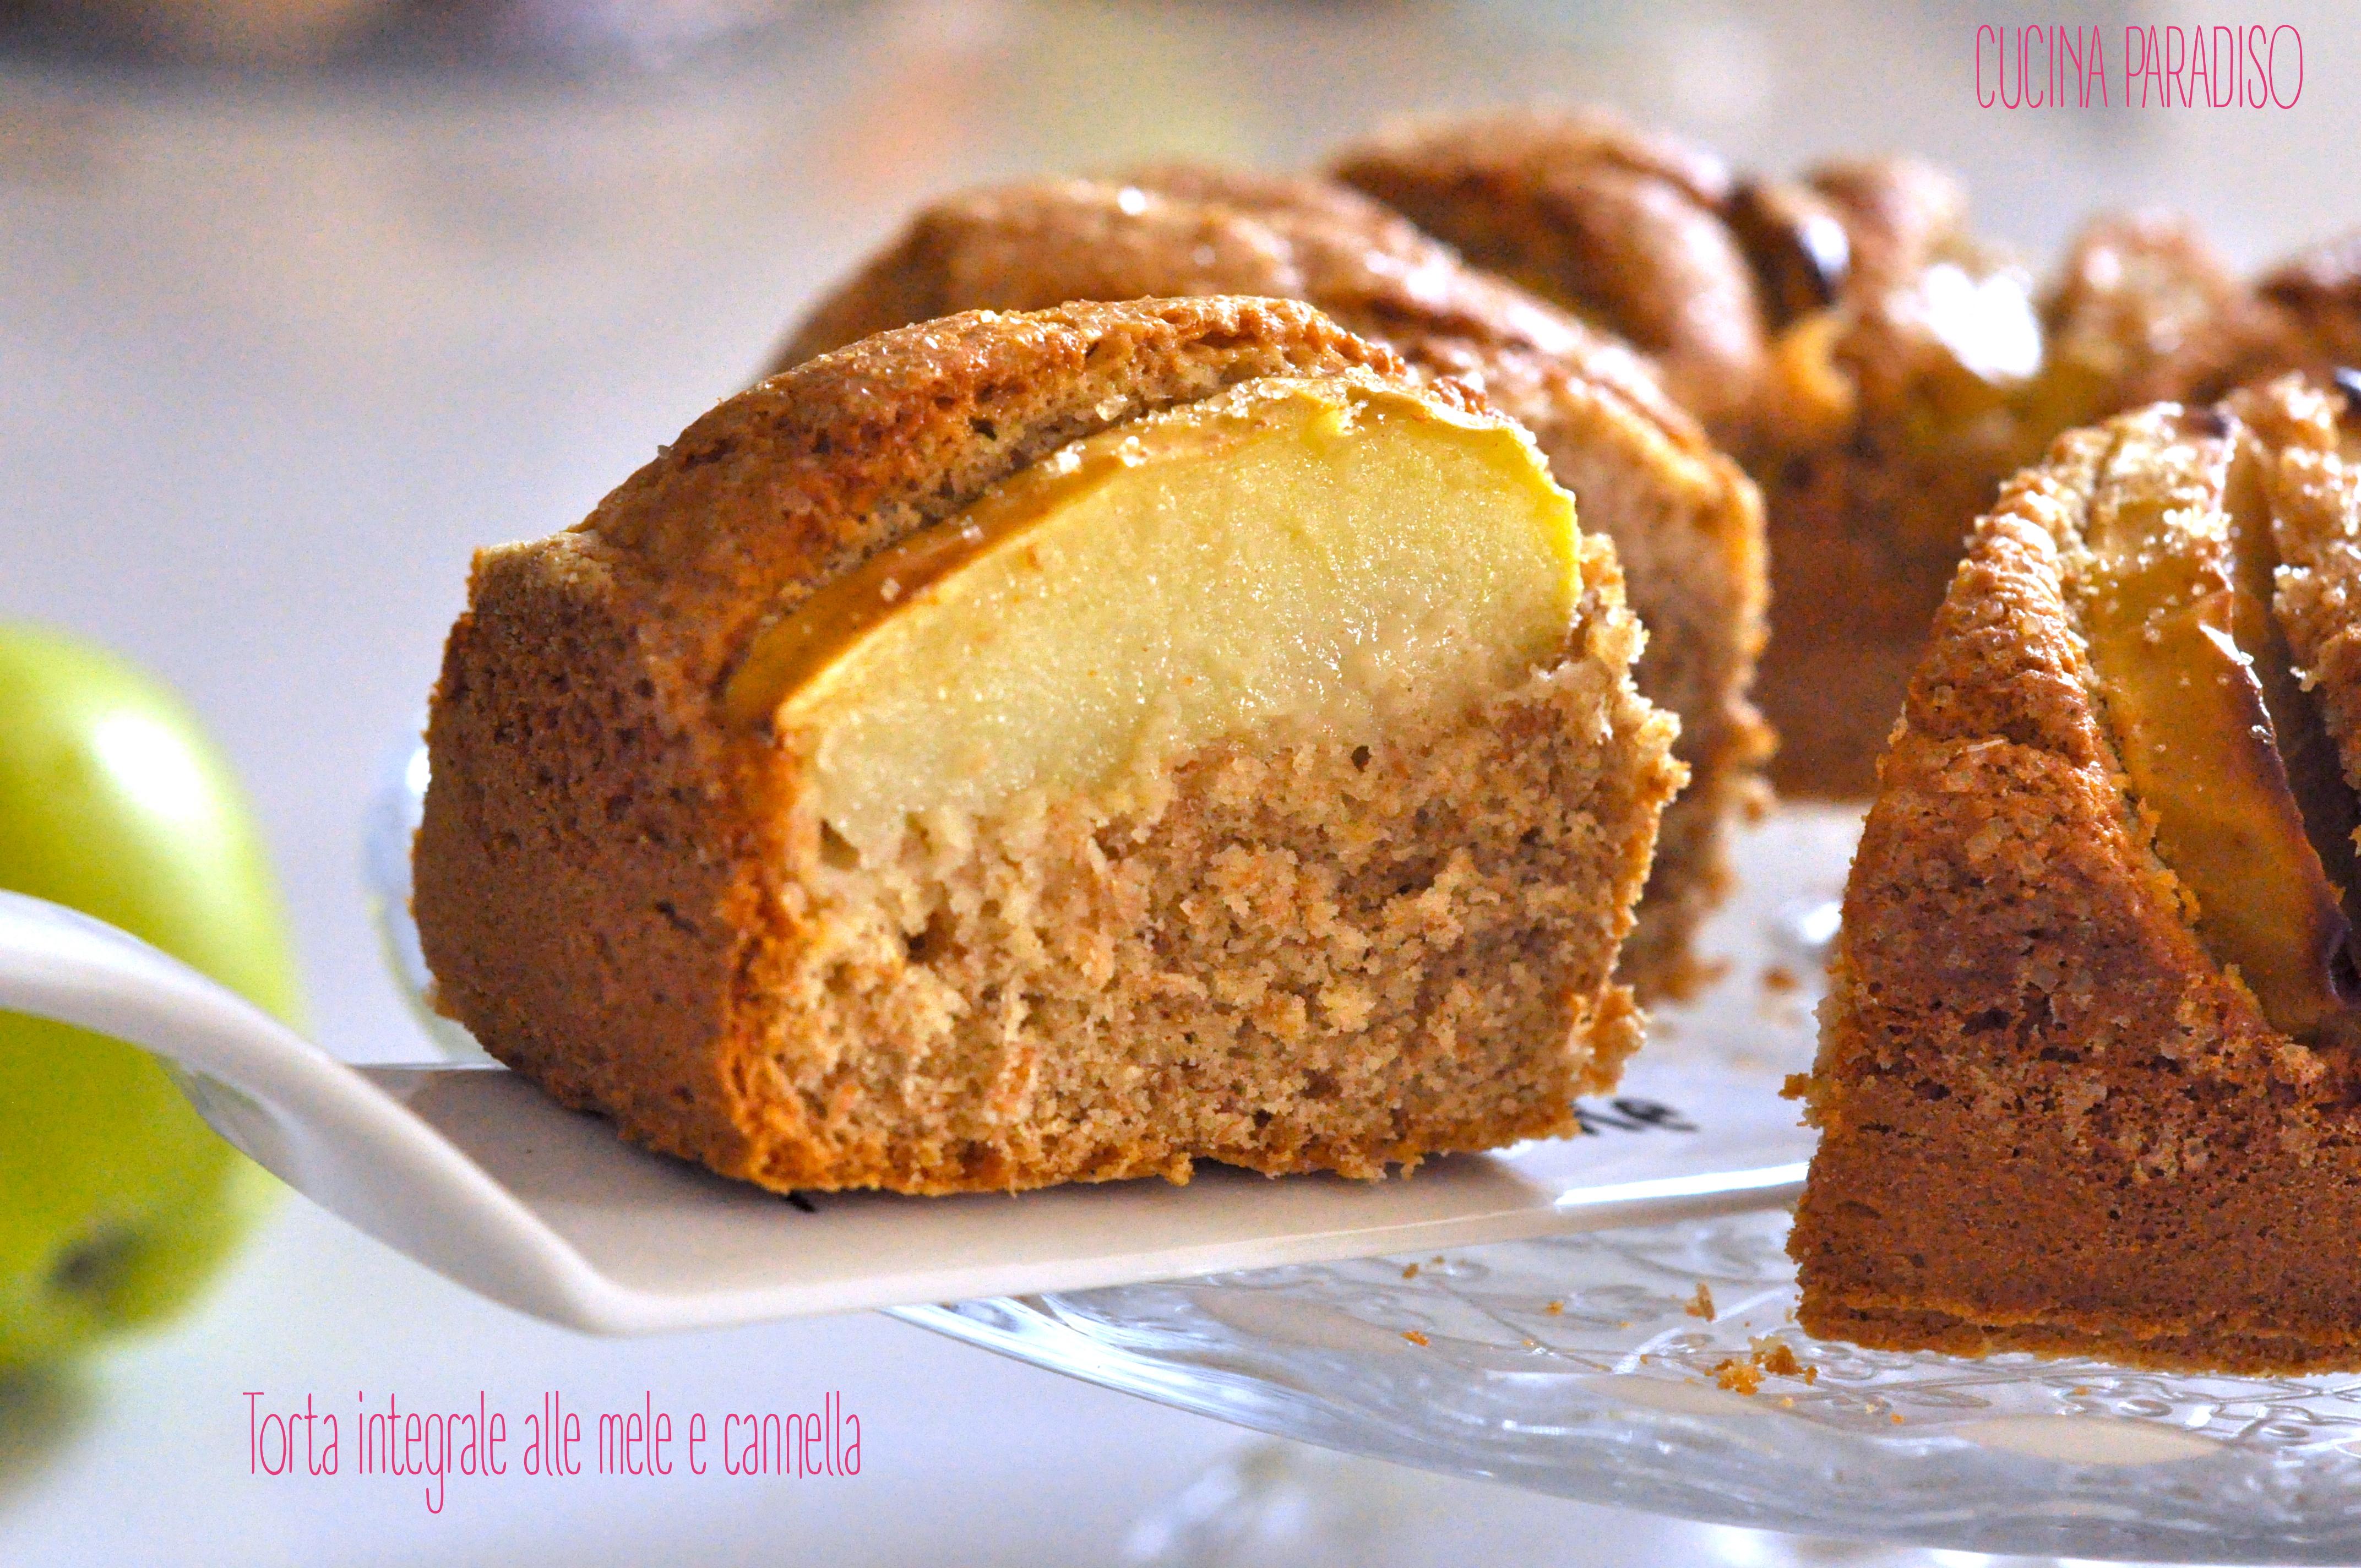 torta-integrale-alle-mele-e-cannella2